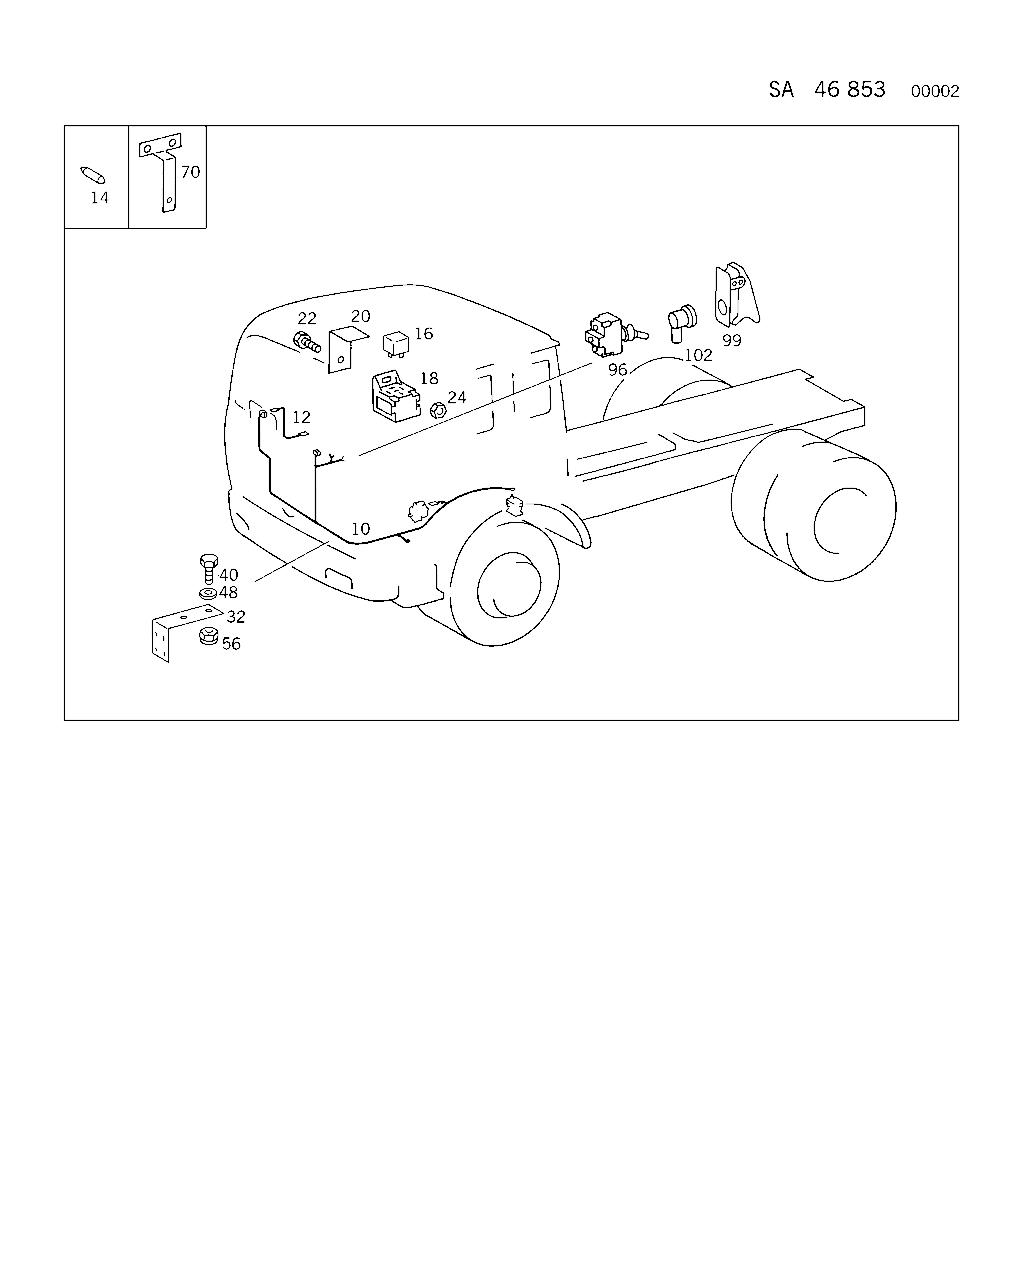 Mercedes-Benz Teilekatalog (Ersatzteile online)